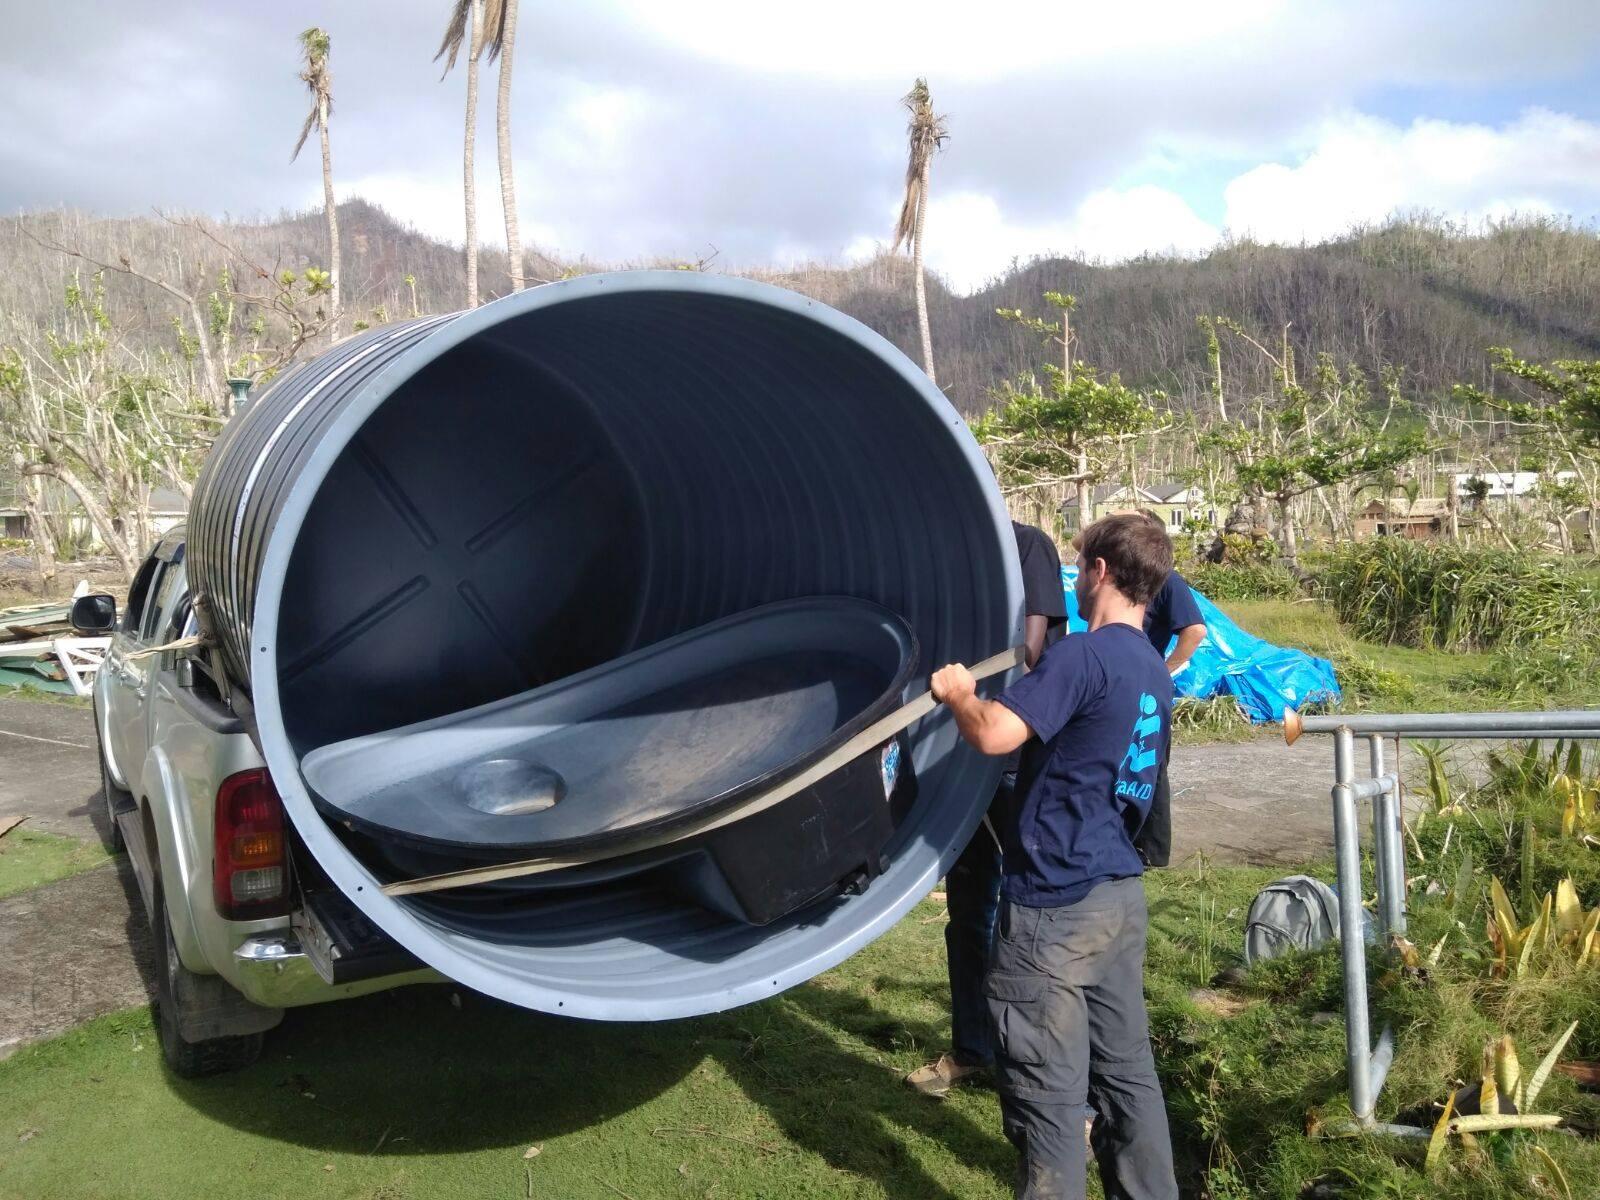 anques de agua instalado en PR por IsraAID tras huracán María.